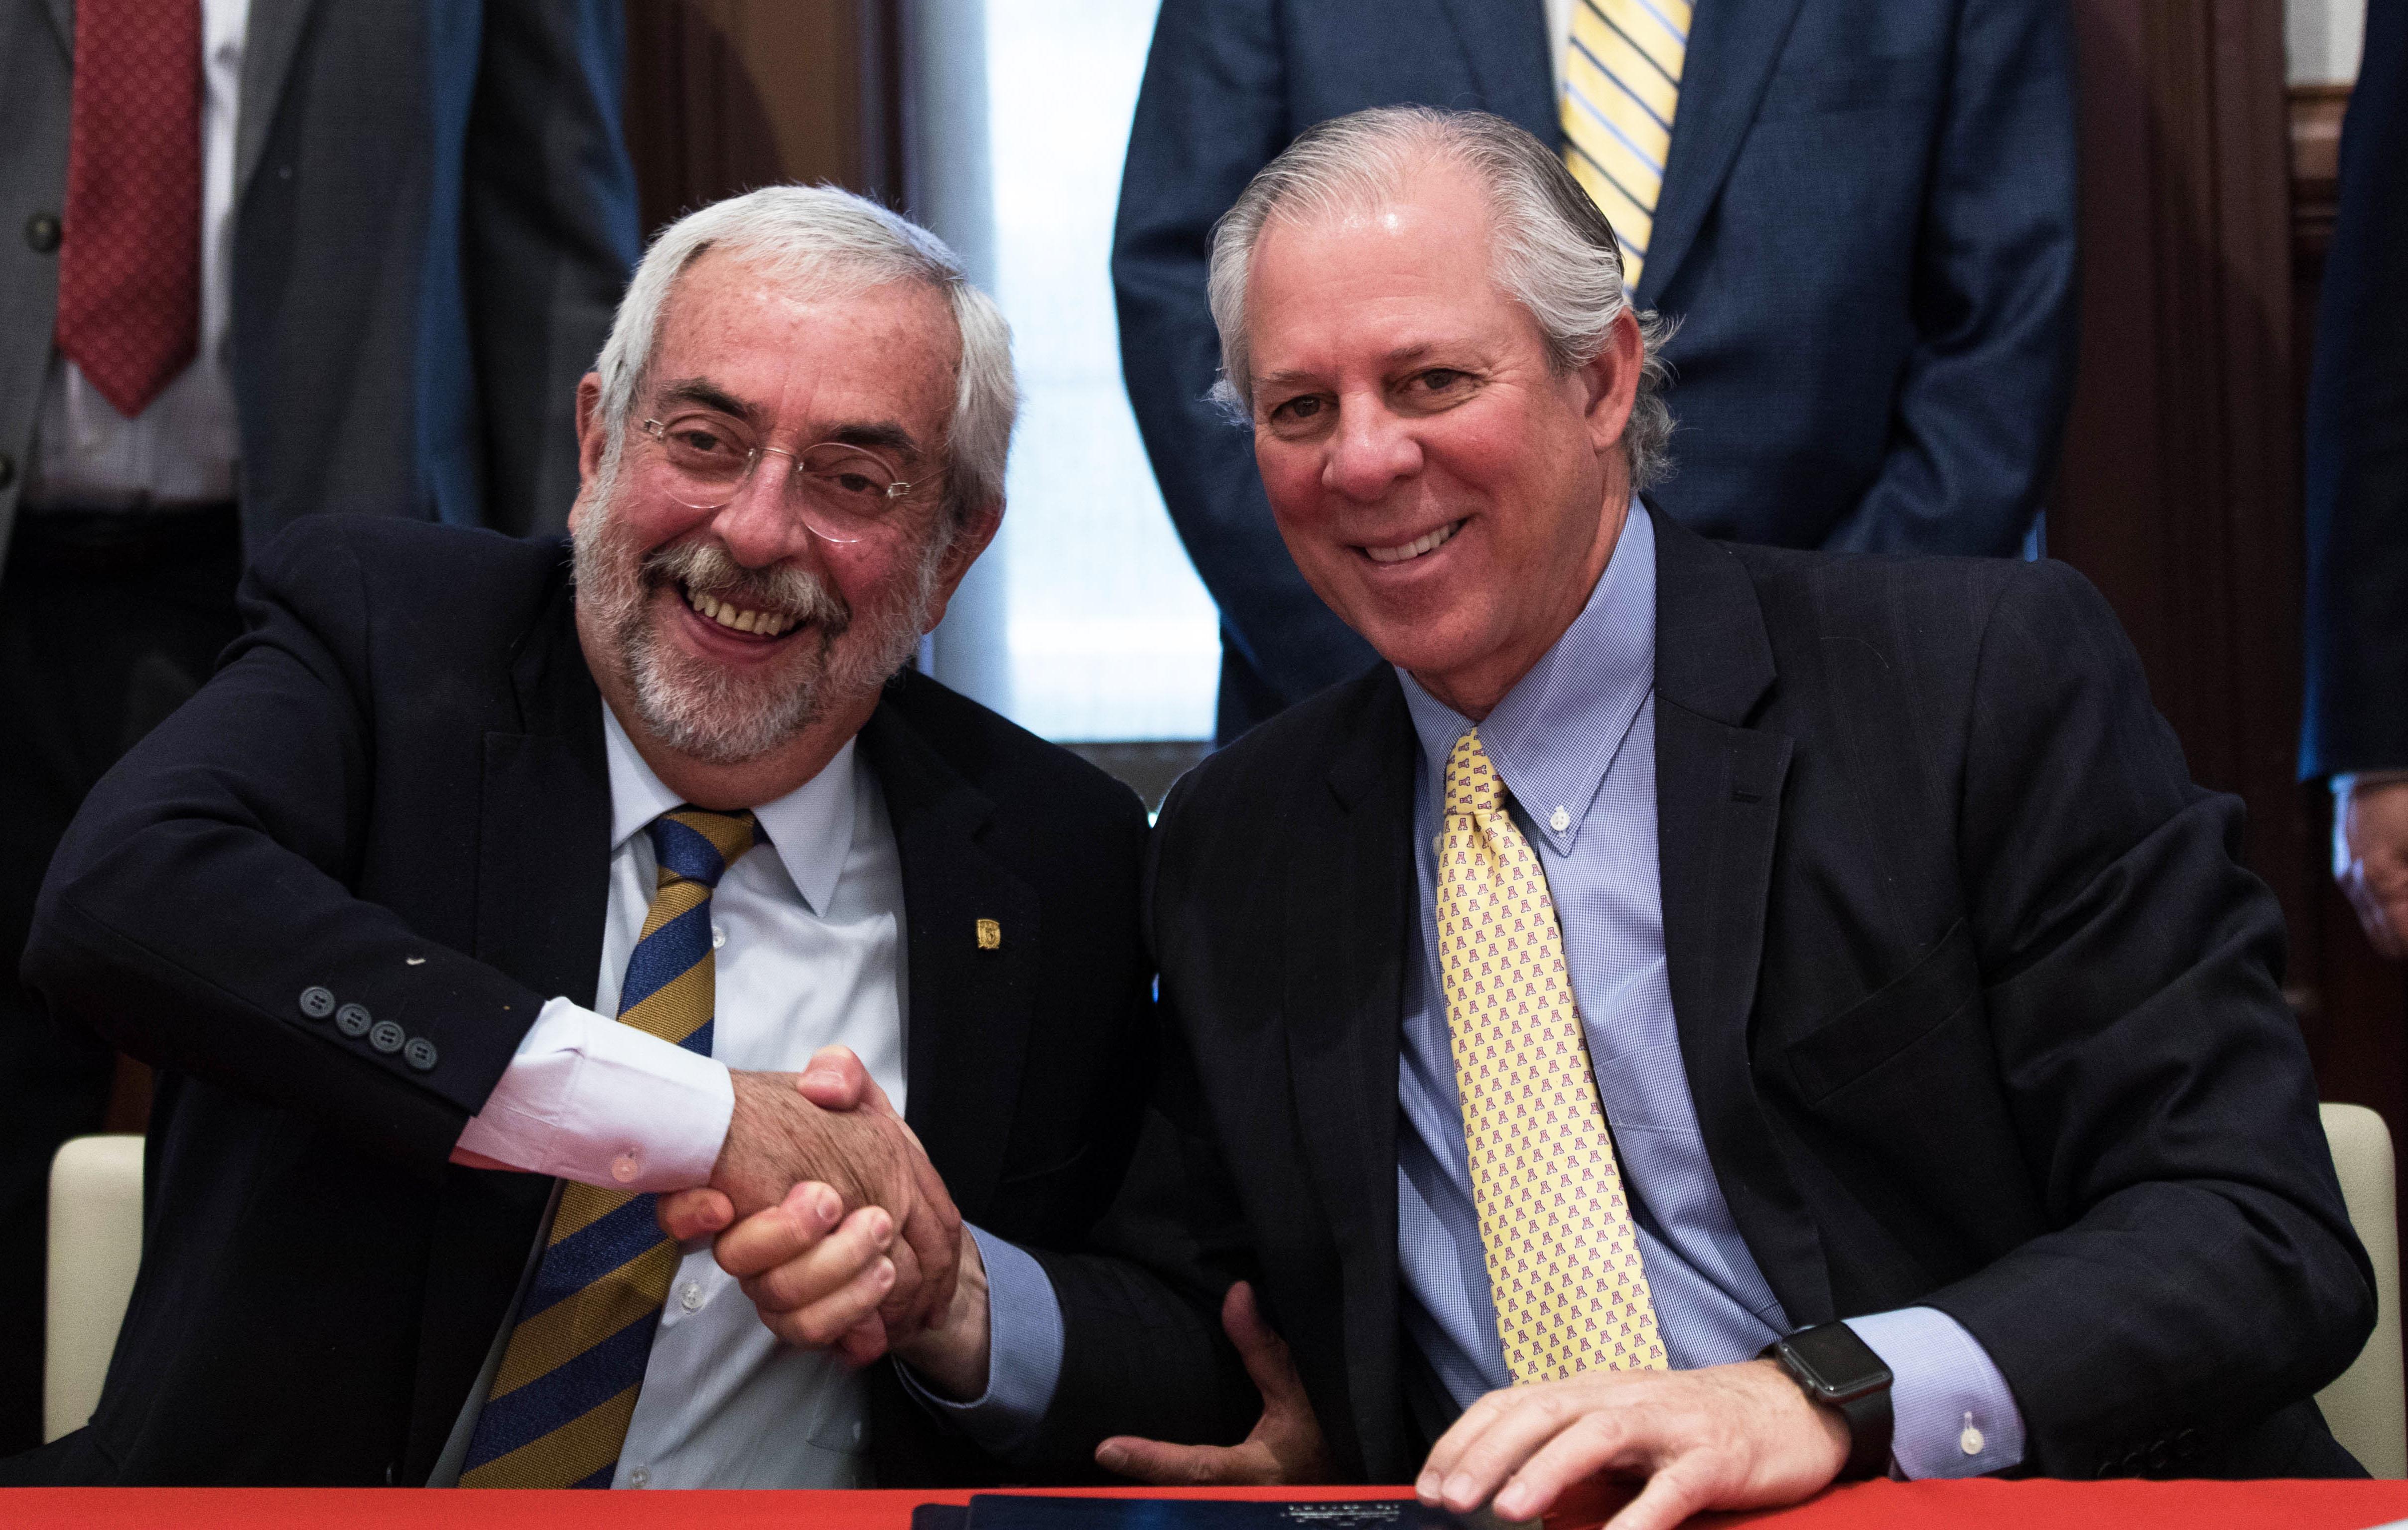 Dr. Enrique Graue Wiechers and Robert C. Robbins